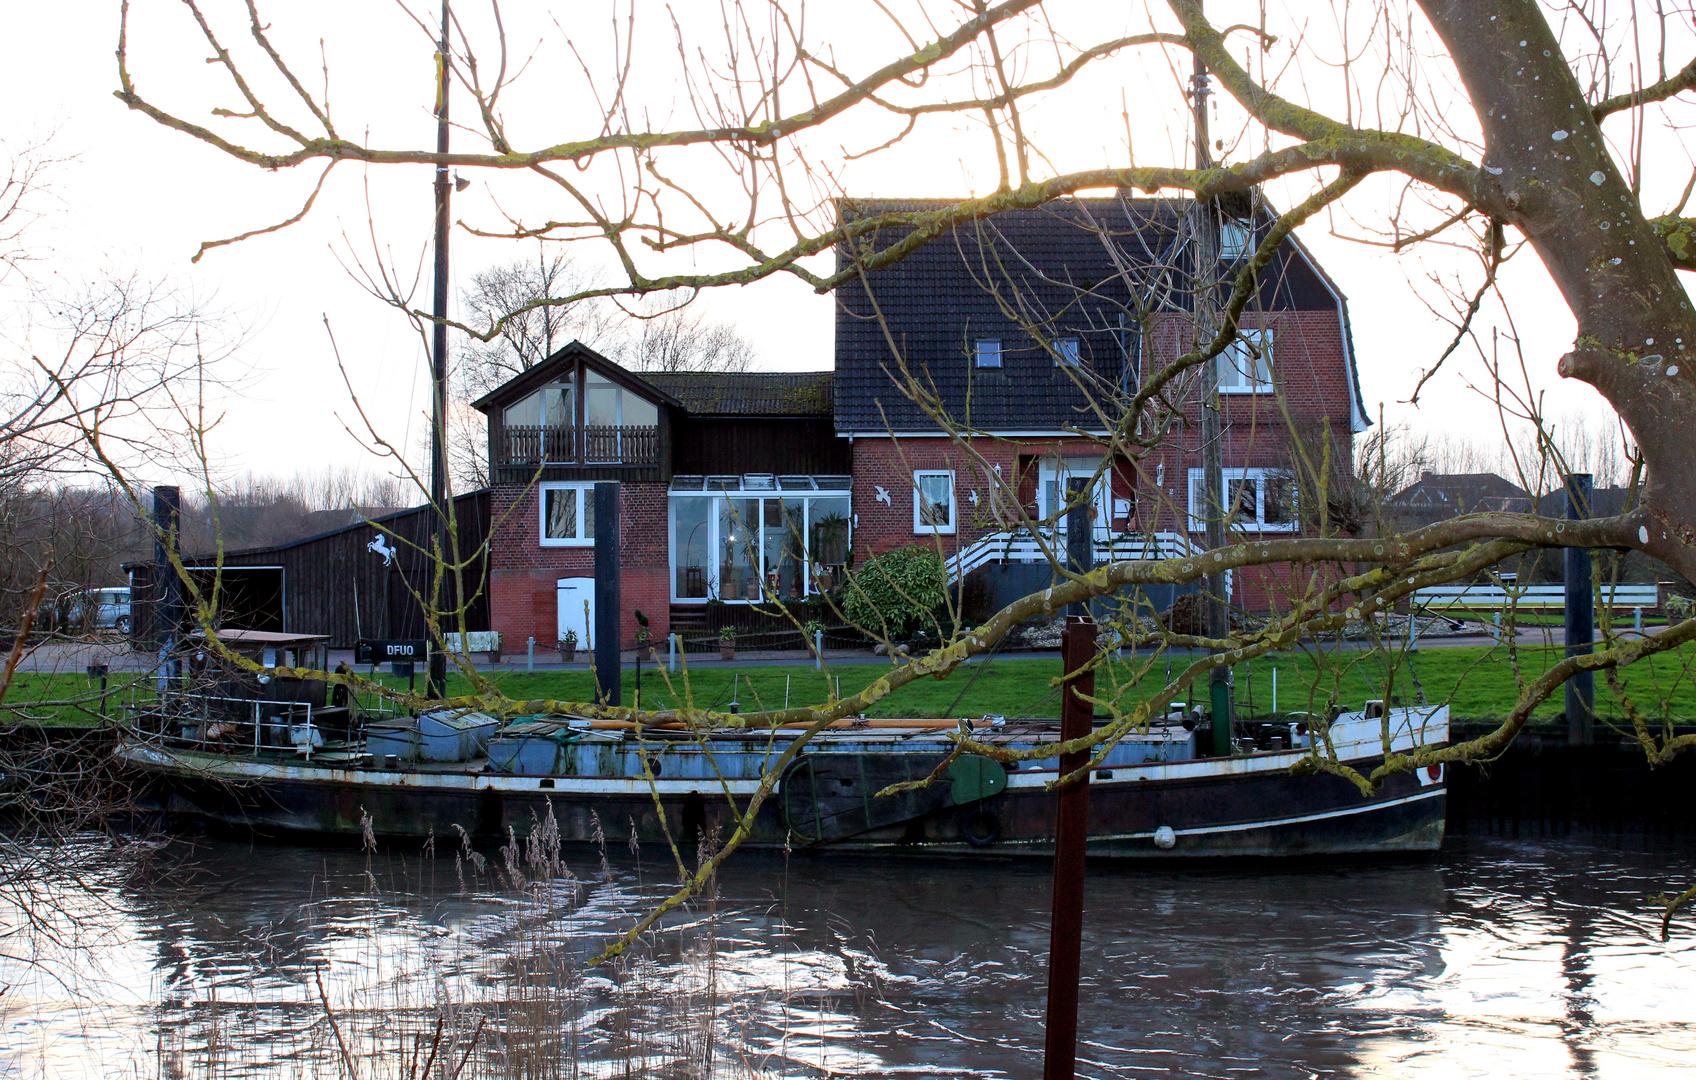 Hafen Wischhafen .....